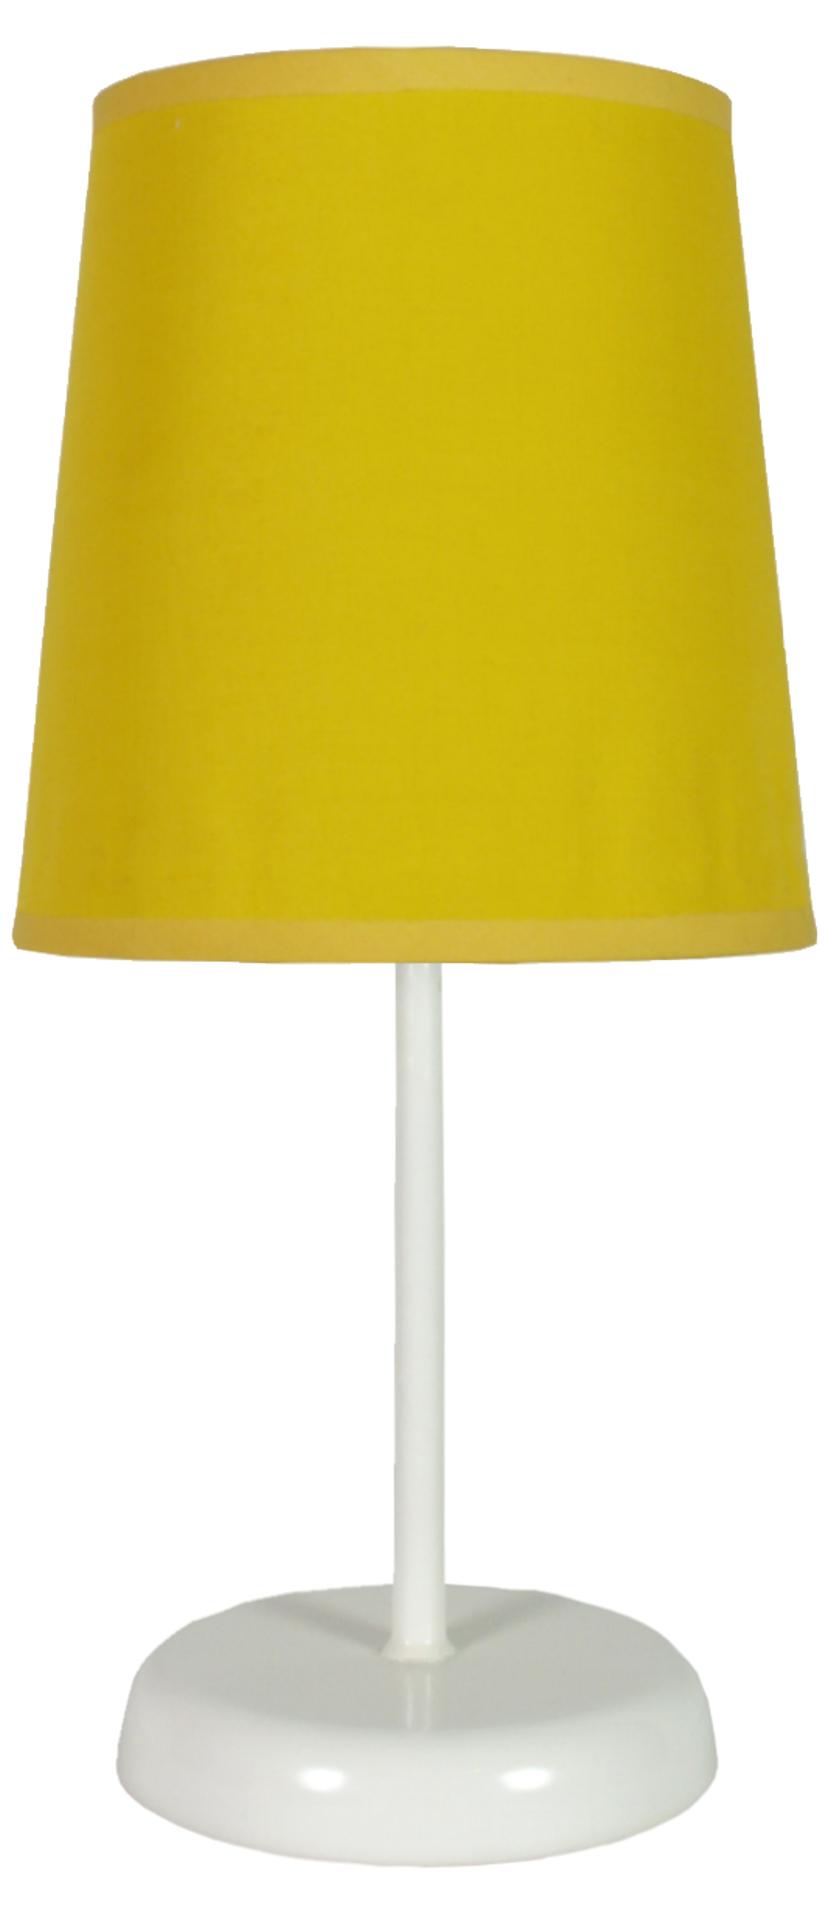 GALA LAMPA 1X40W E14 ŻÓŁTA - 41-98552